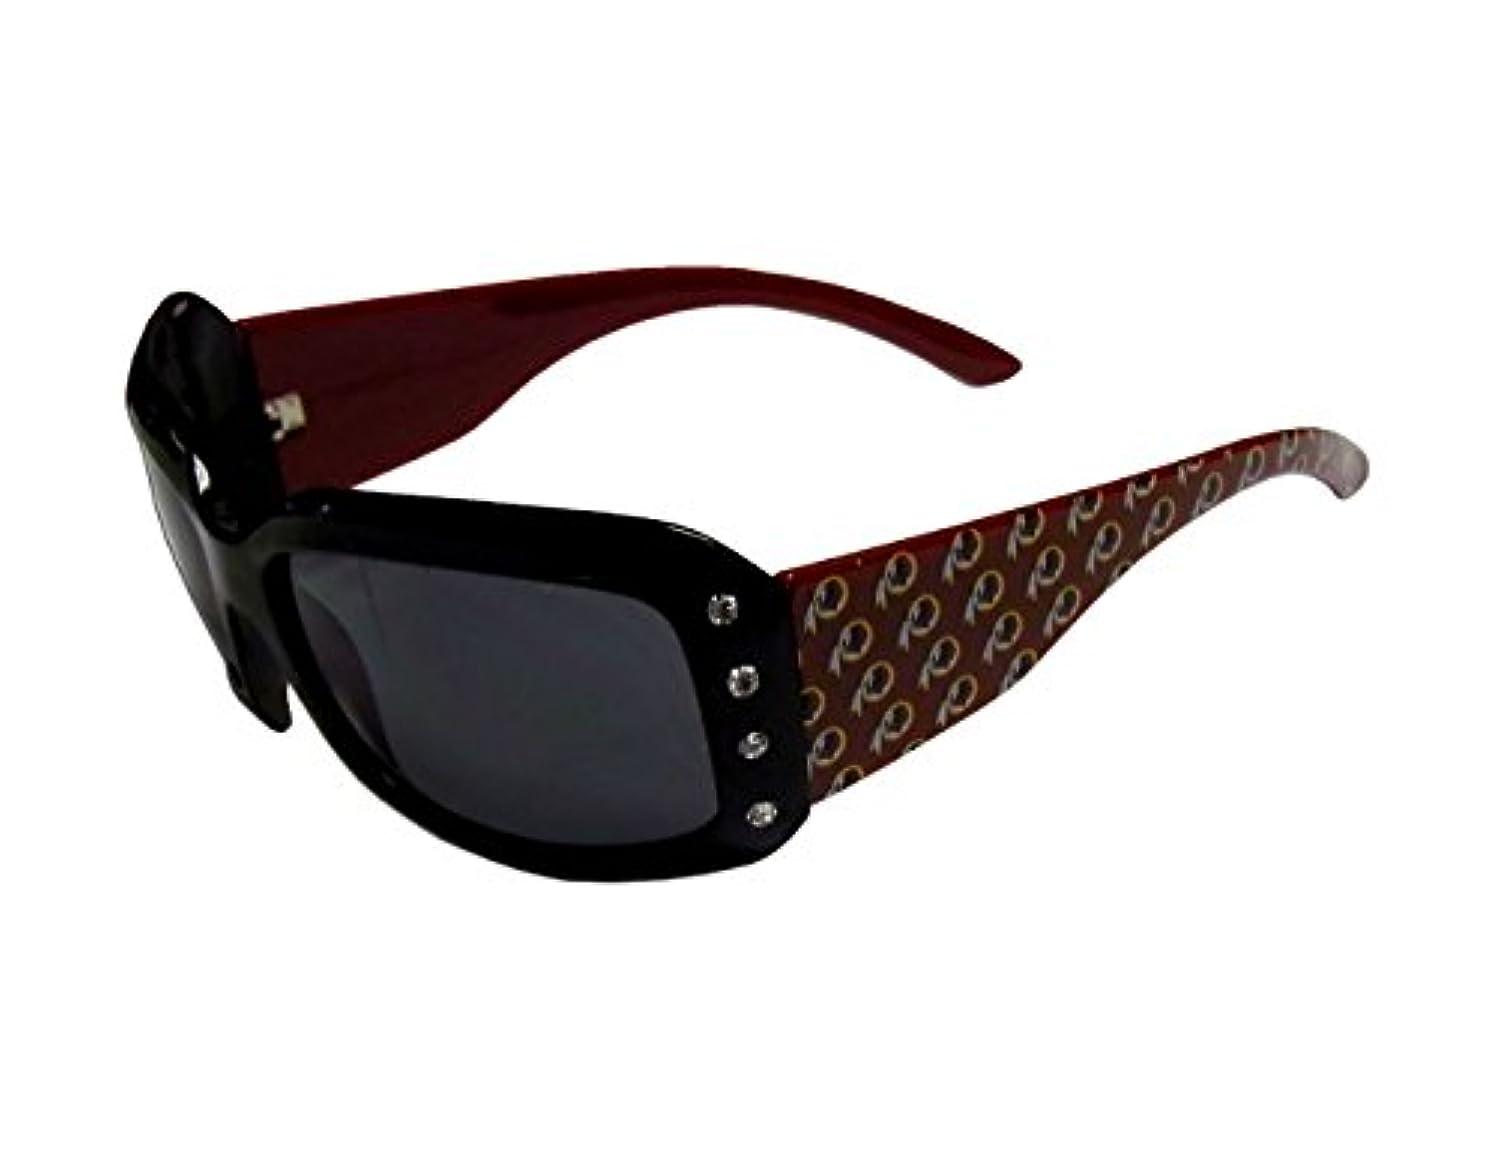 小麦腸混乱させるSiskiyou Sports FSG135W Redskins Designer Sunglasses with Rhinestones